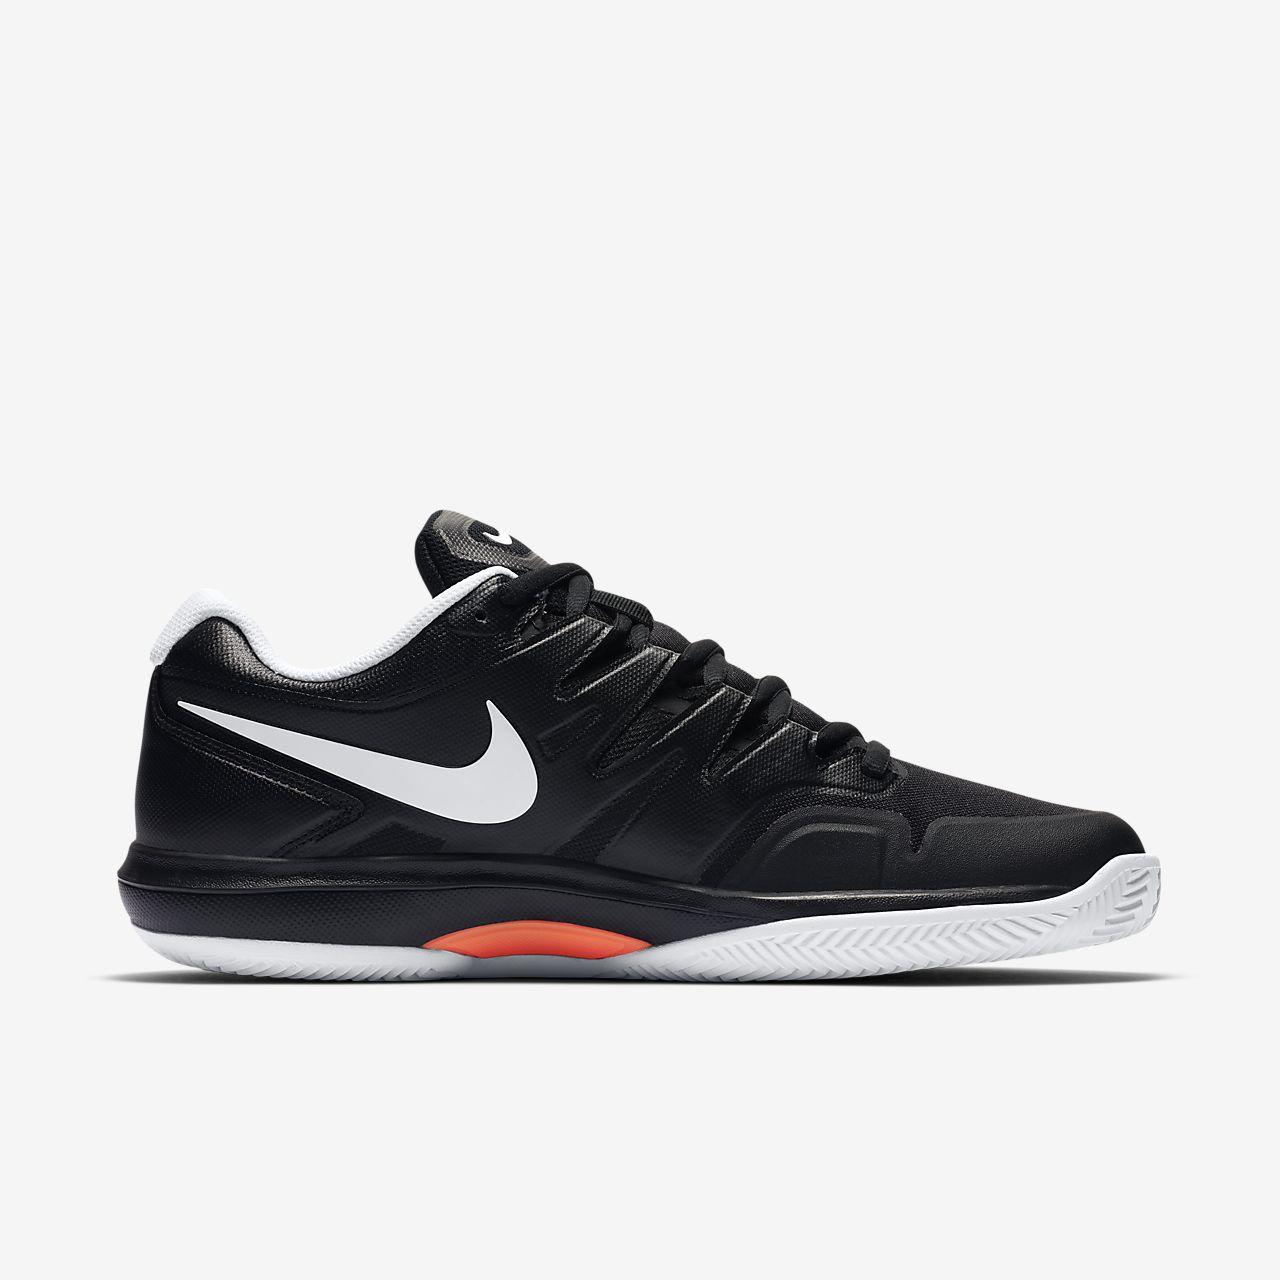 uk availability d213c 5cca0 ... Chaussure de tennis Nike Air Zoom Prestige Clay pour Homme